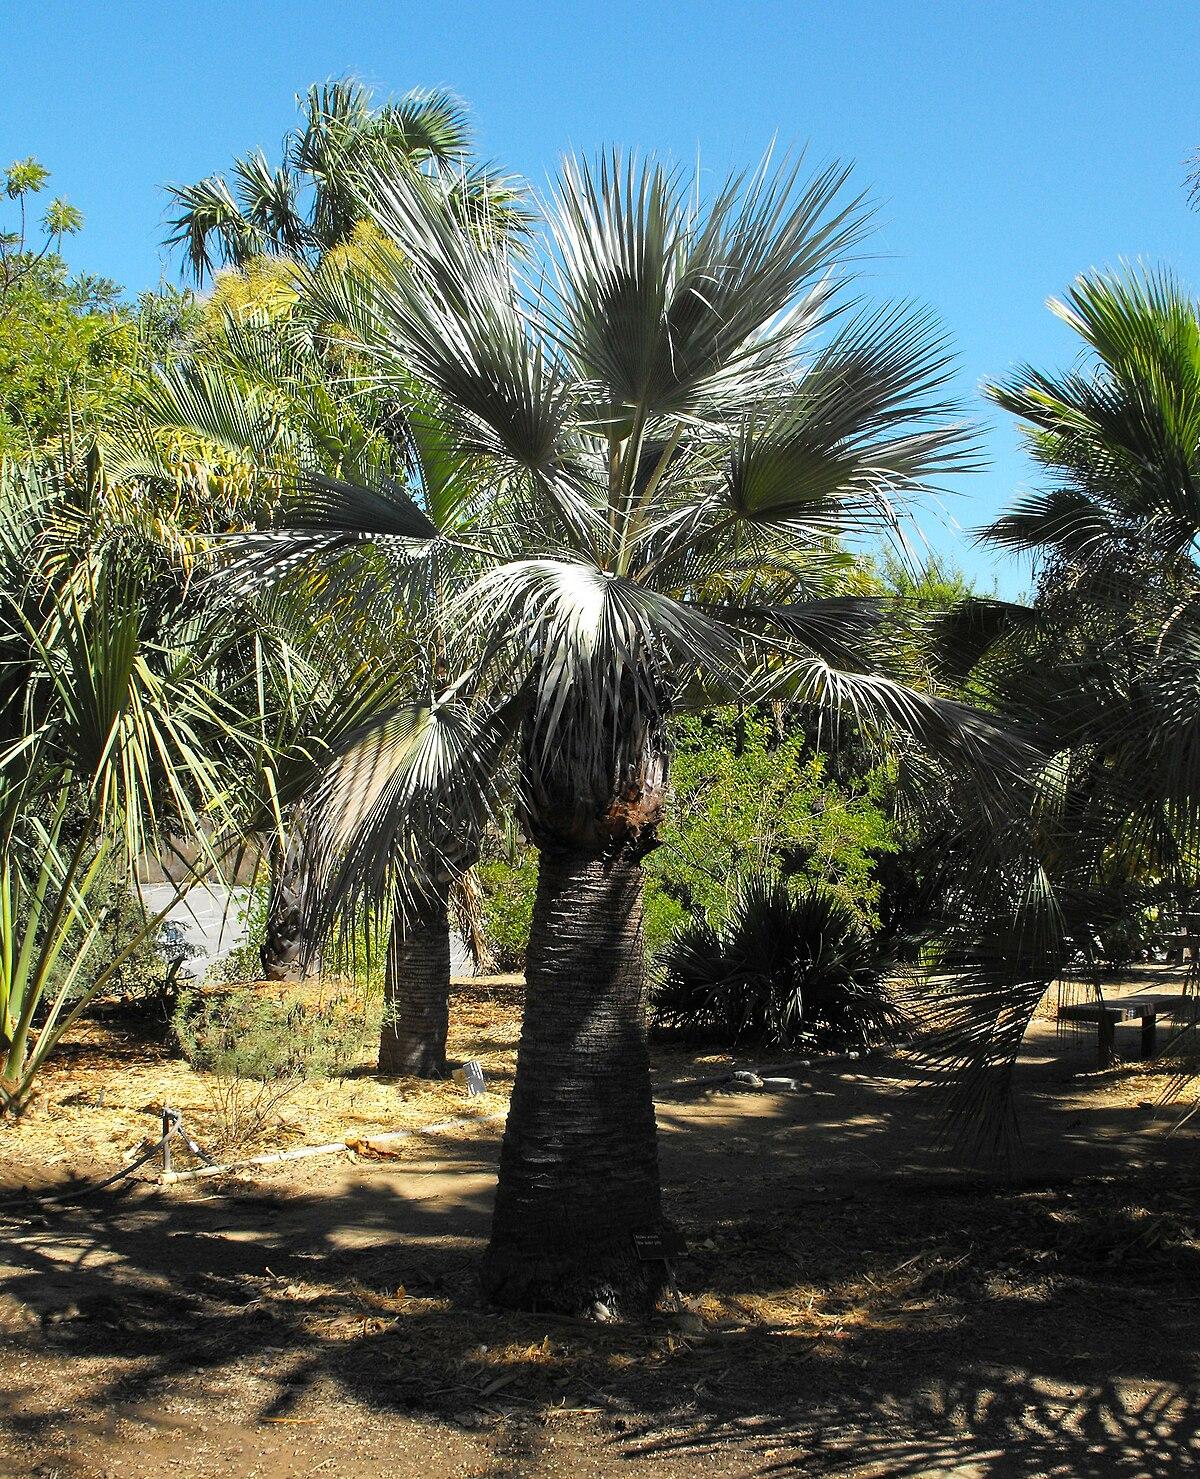 palmier traduction